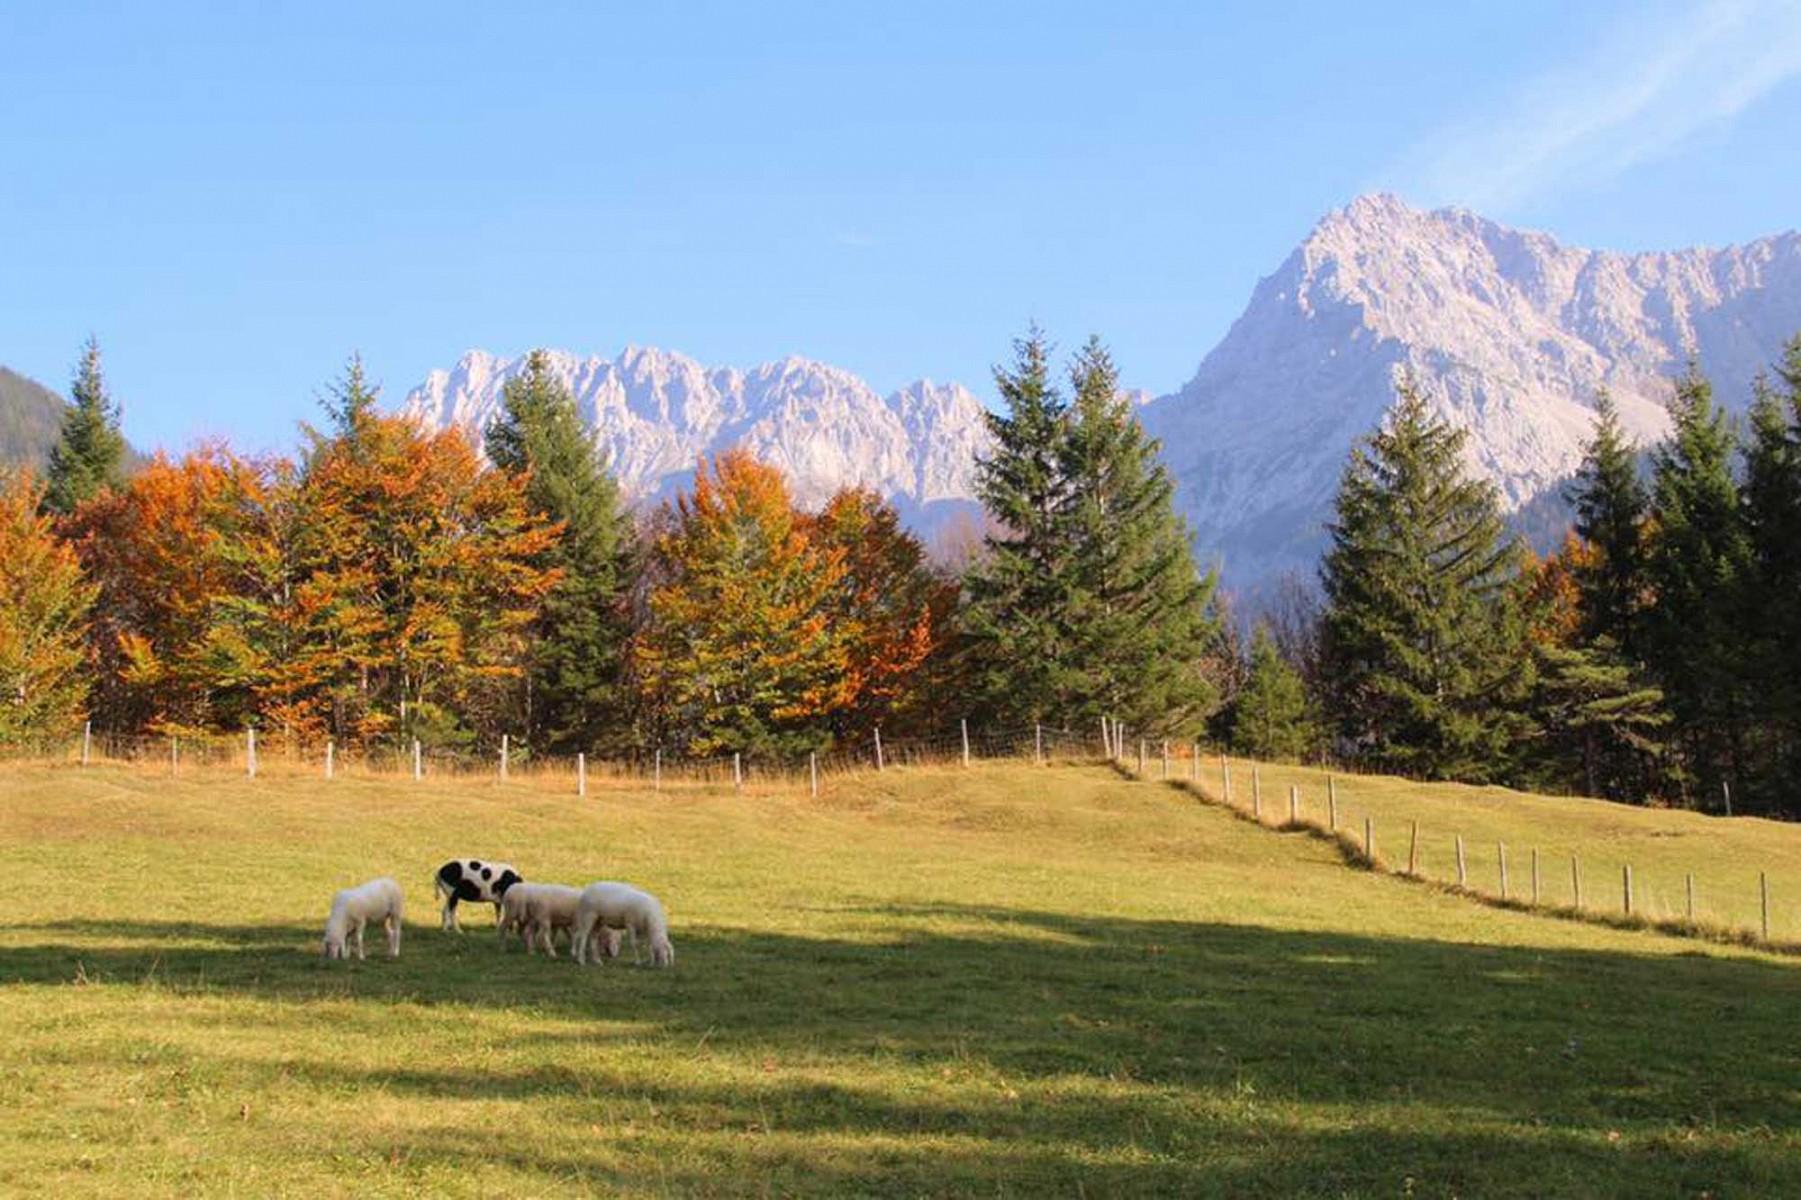 pspan-stylefont-familyGeorgiaserifDieses-idyllische-Bild-zeigt-uns-den-Herbst-in-Garmisch-Partenkirchen-vor-einer-traumhaften-Bergkulisse---fotografiert-von-Stefanie-Jaklinspanp